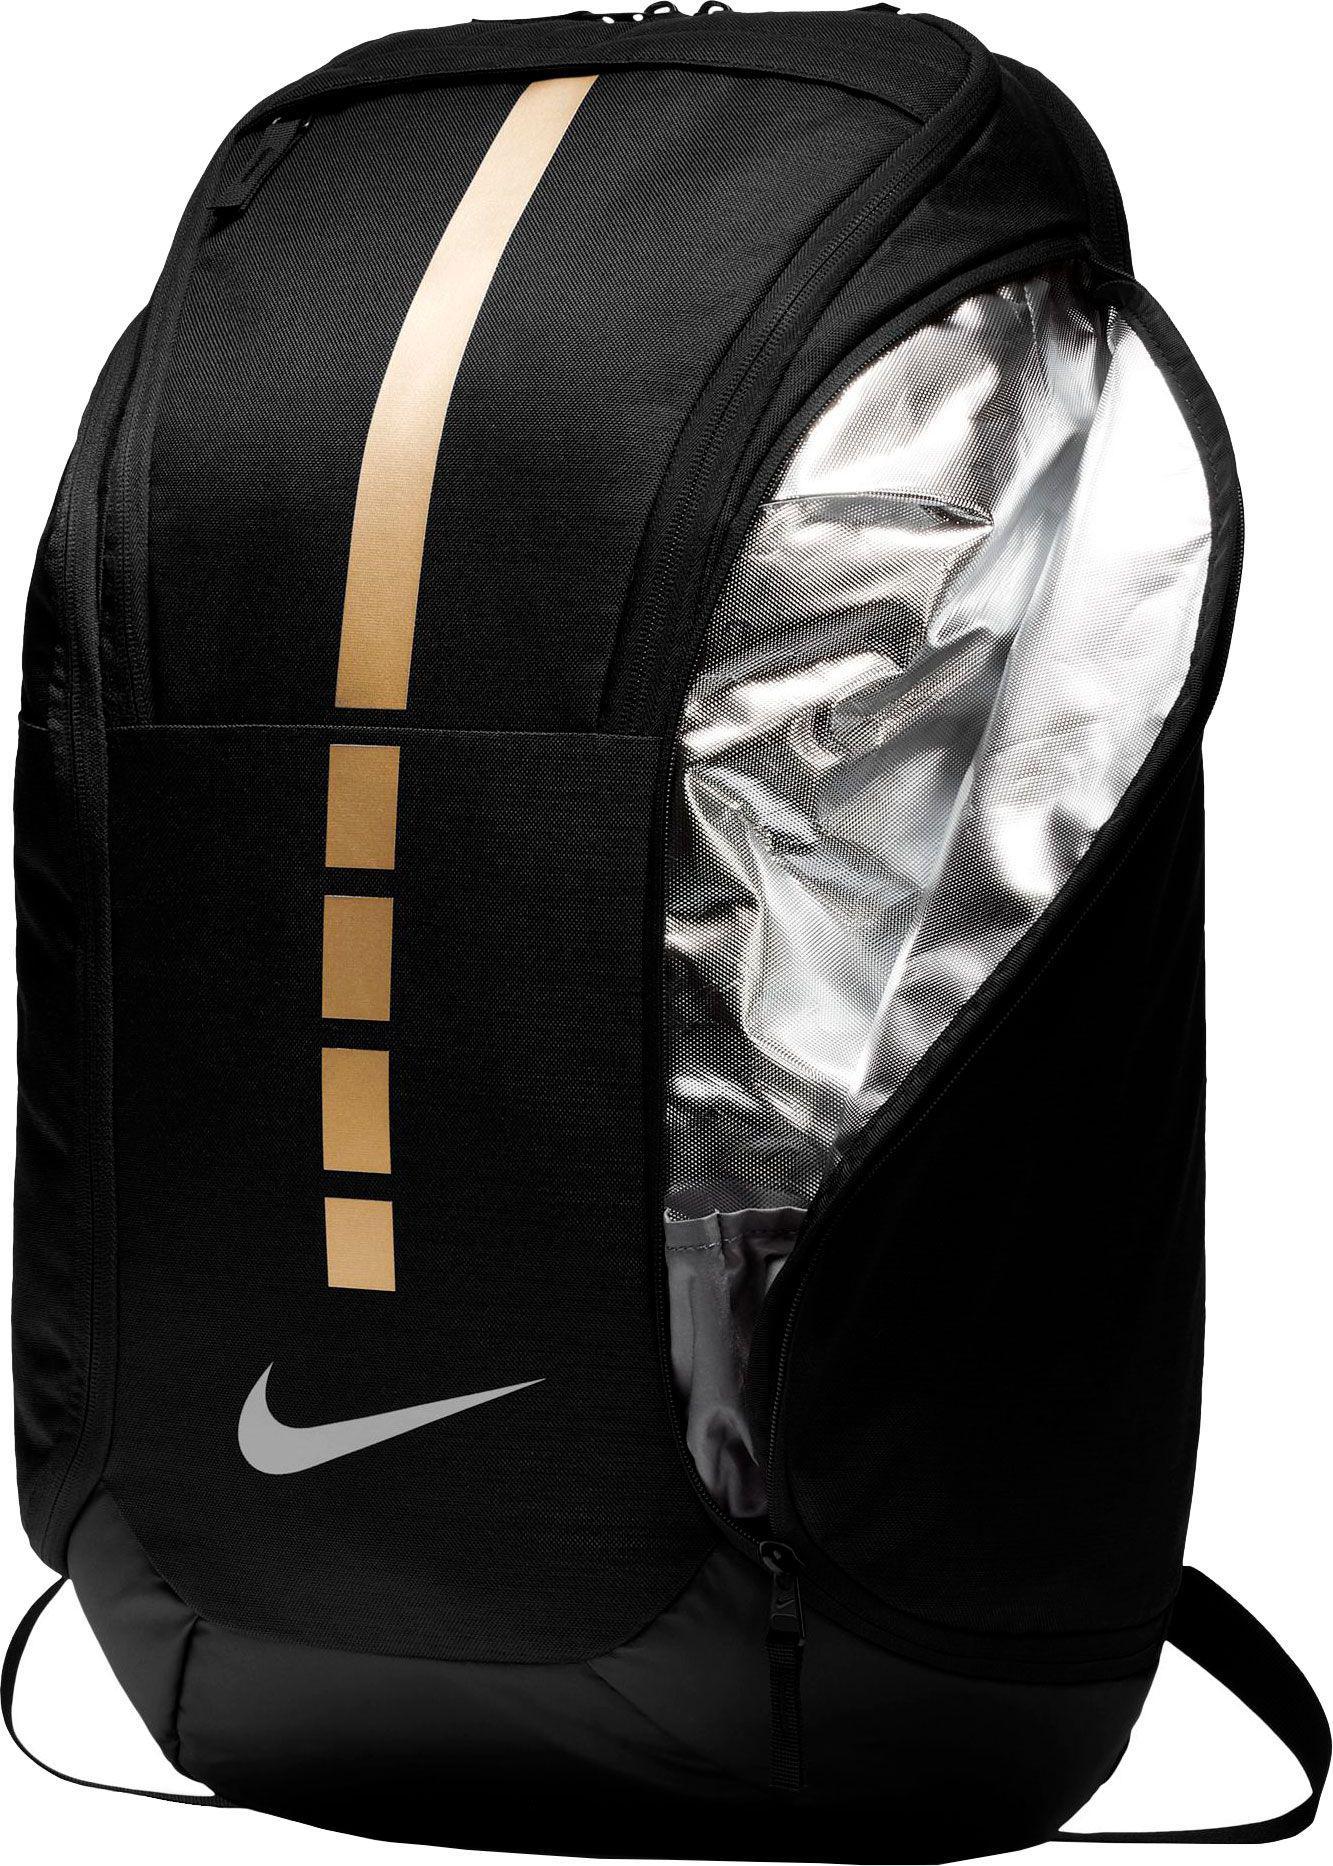 Lyst - Nike Hoops Elite Pro Basketball Backpack in Black for Men 7378d329073e4